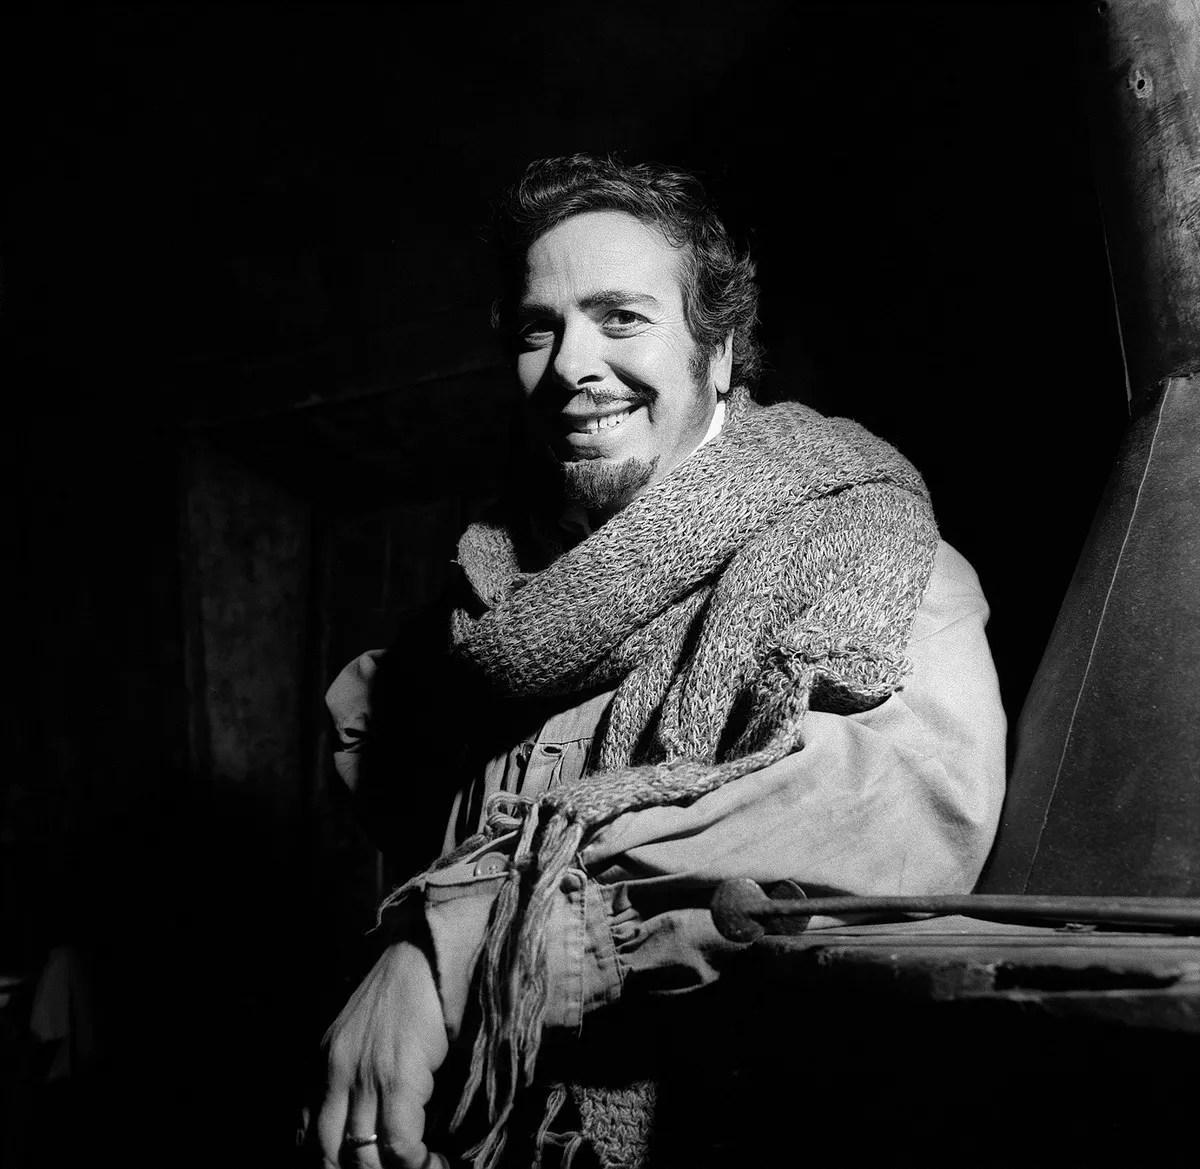 Rolando Panerai in 1975 in La bohème, photo by Erio Piccagliani